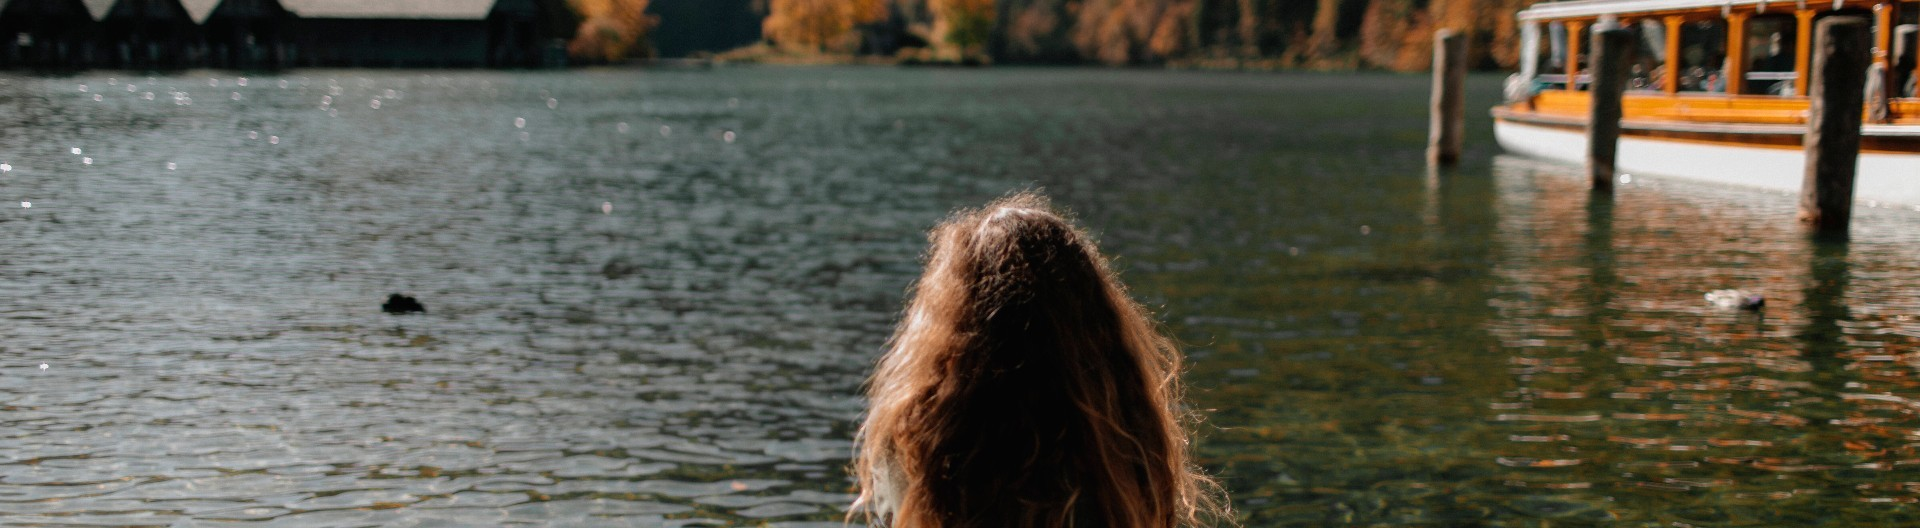 Junge Frau sitzt am Ufer eines Sees.